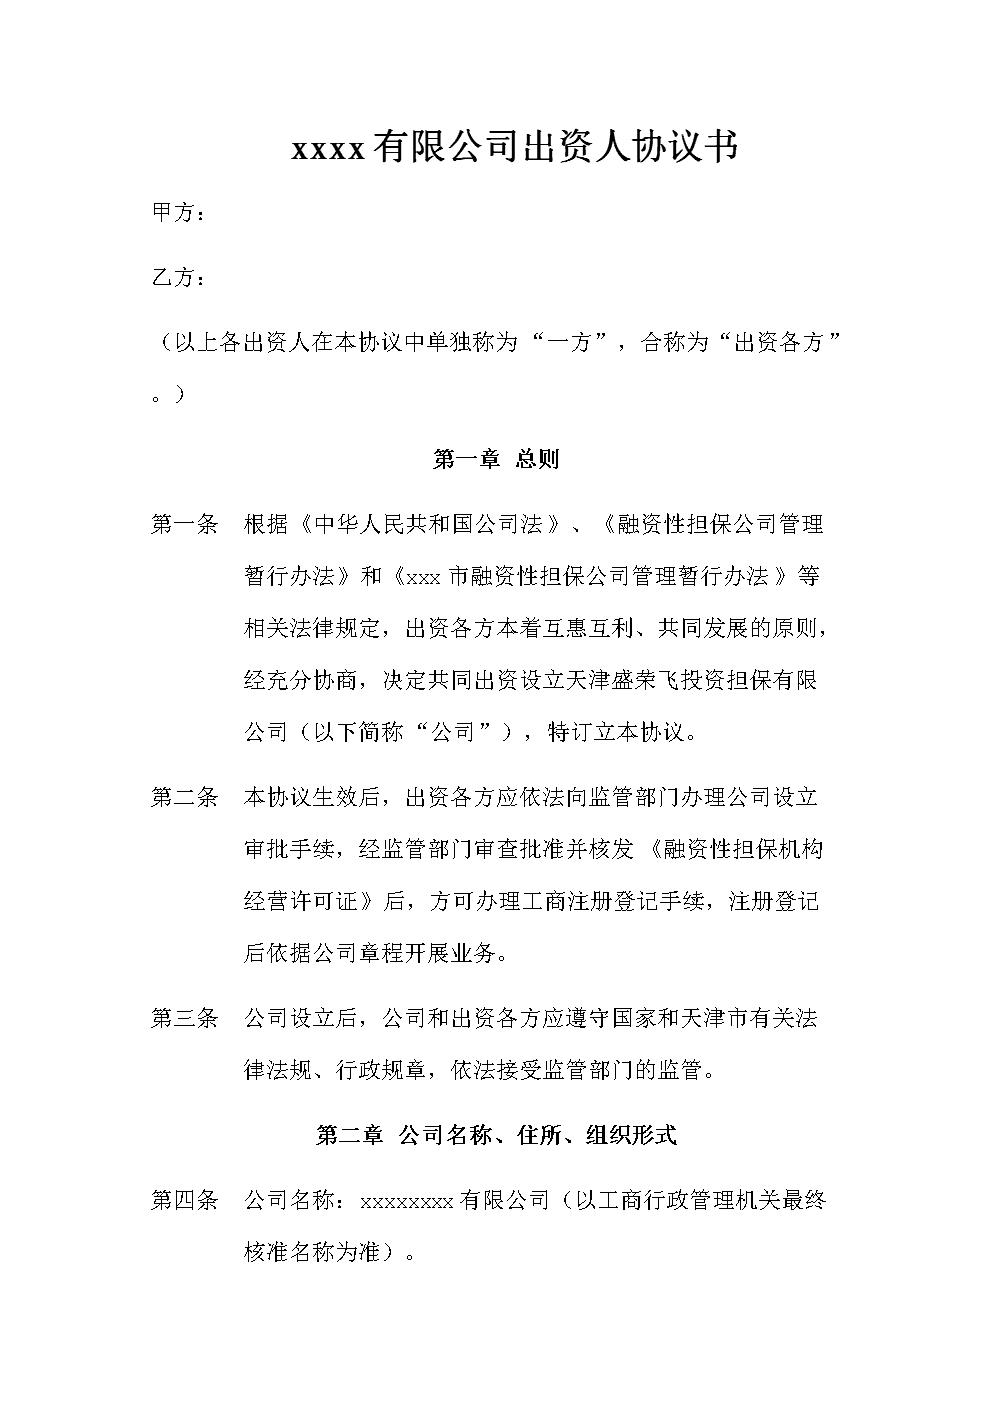 有限公司出资人协议书模版.doc